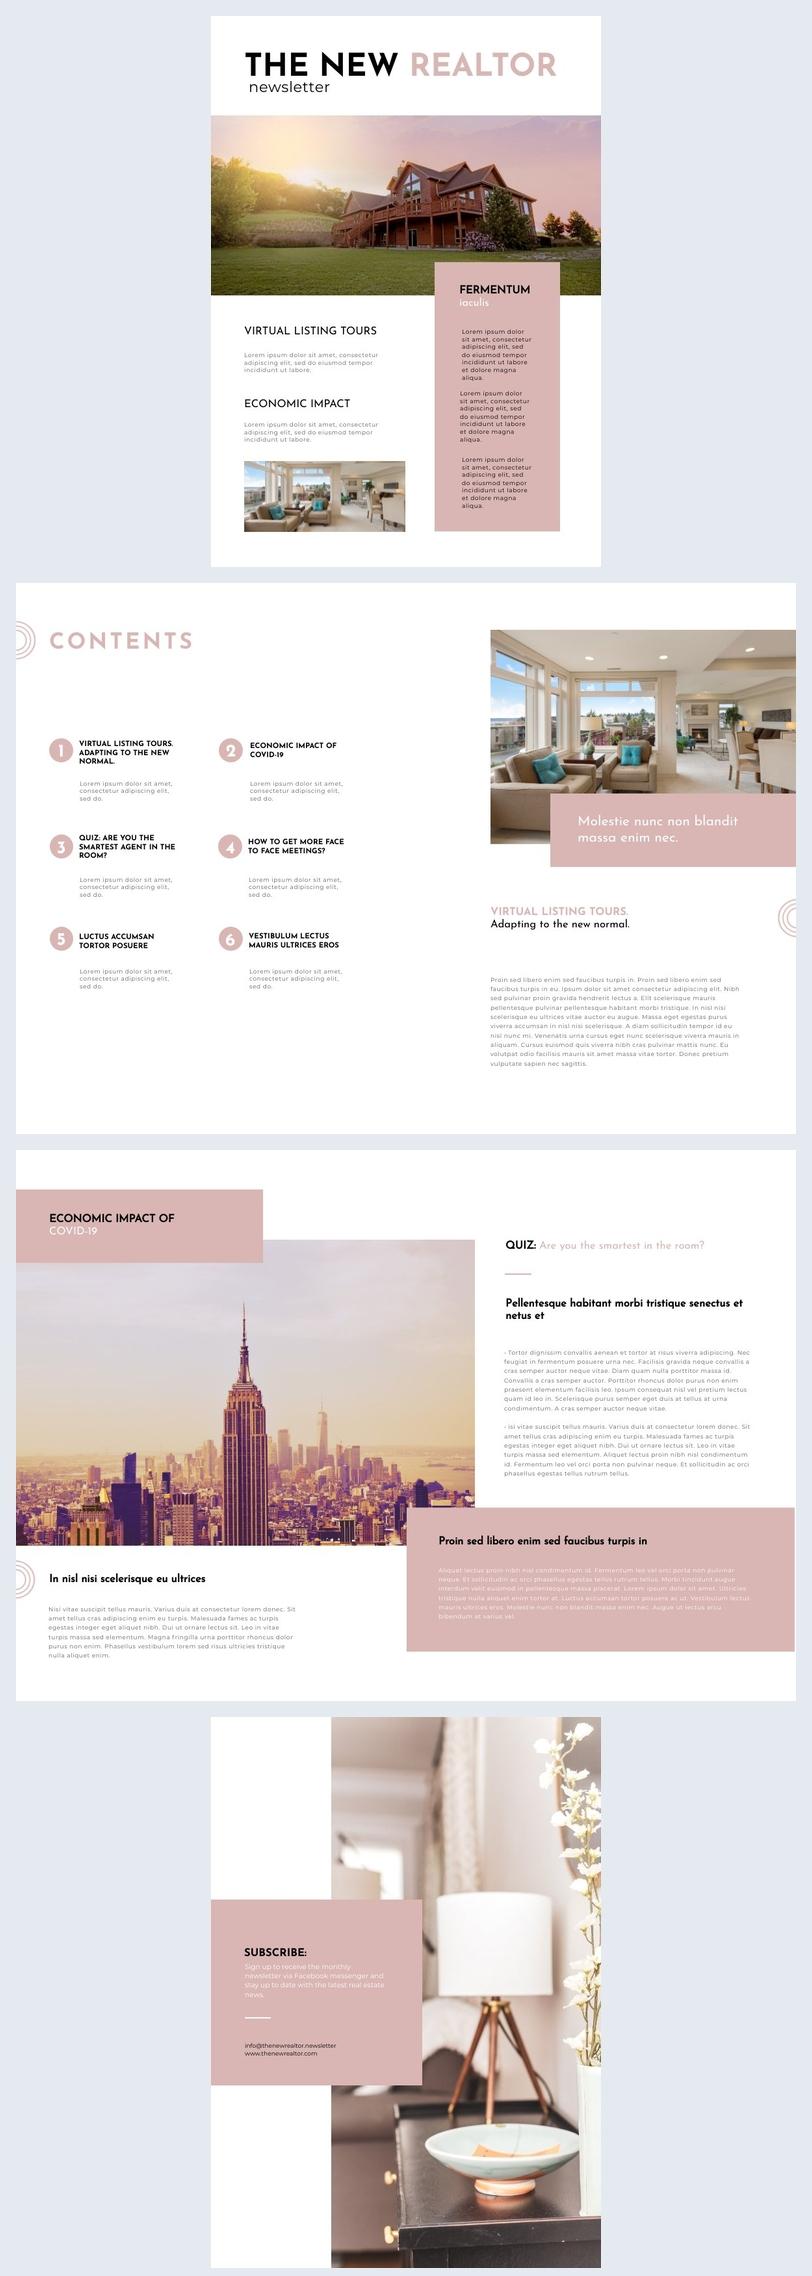 Exemple de design de newsletter d'agent immobilier mensuelle